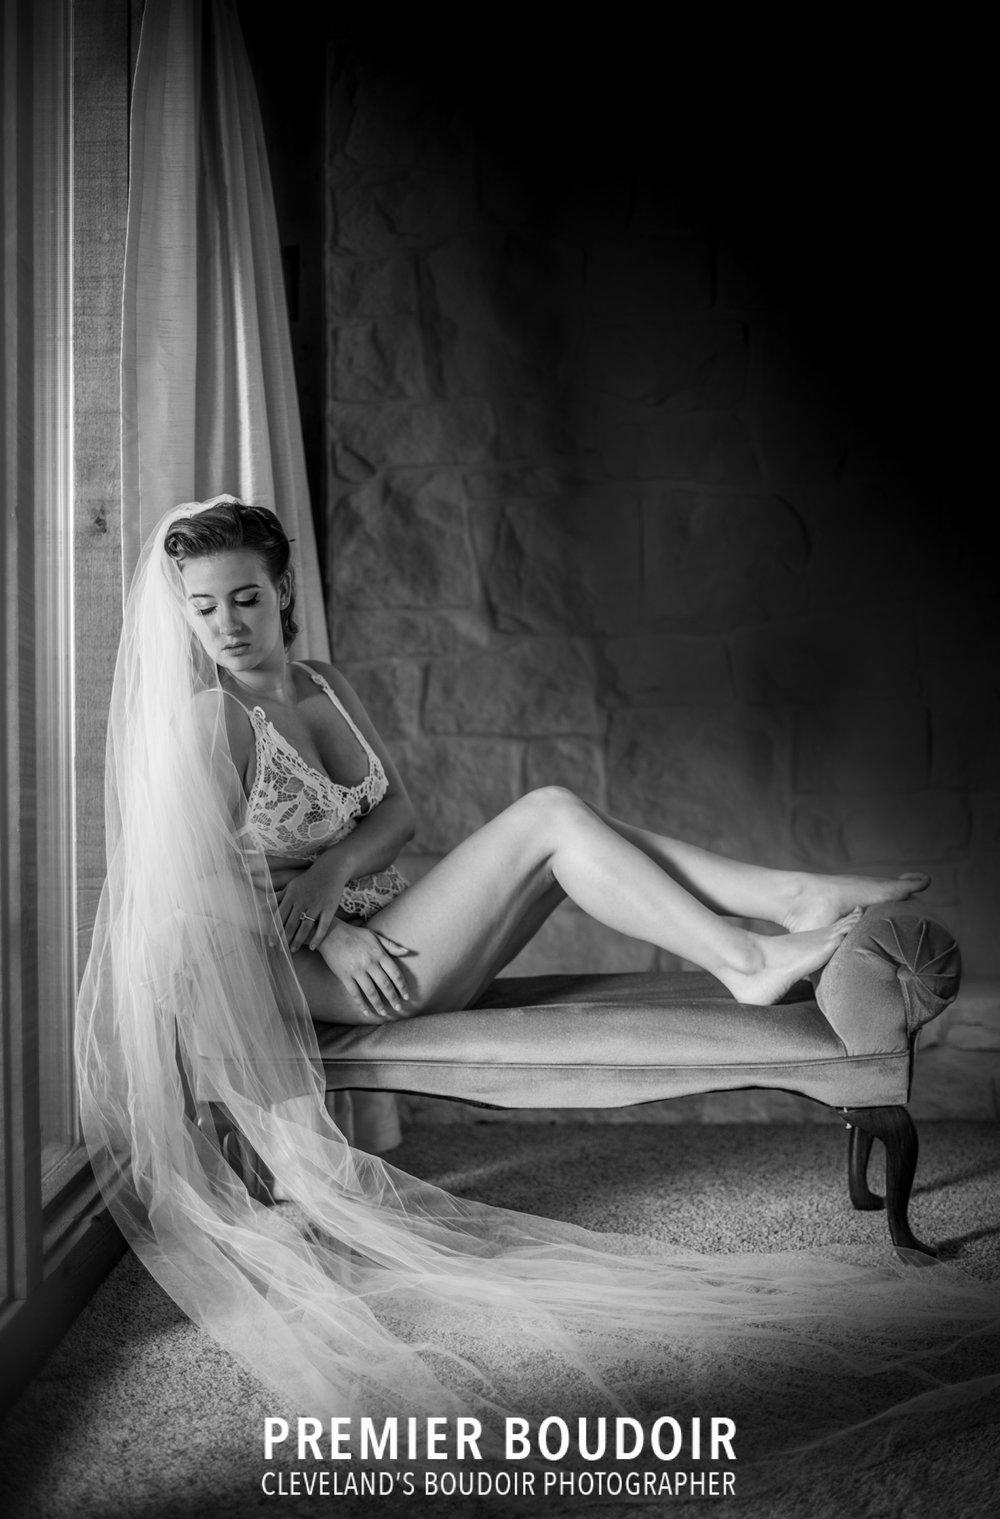 akron cleveland premier boudoir pinup bride